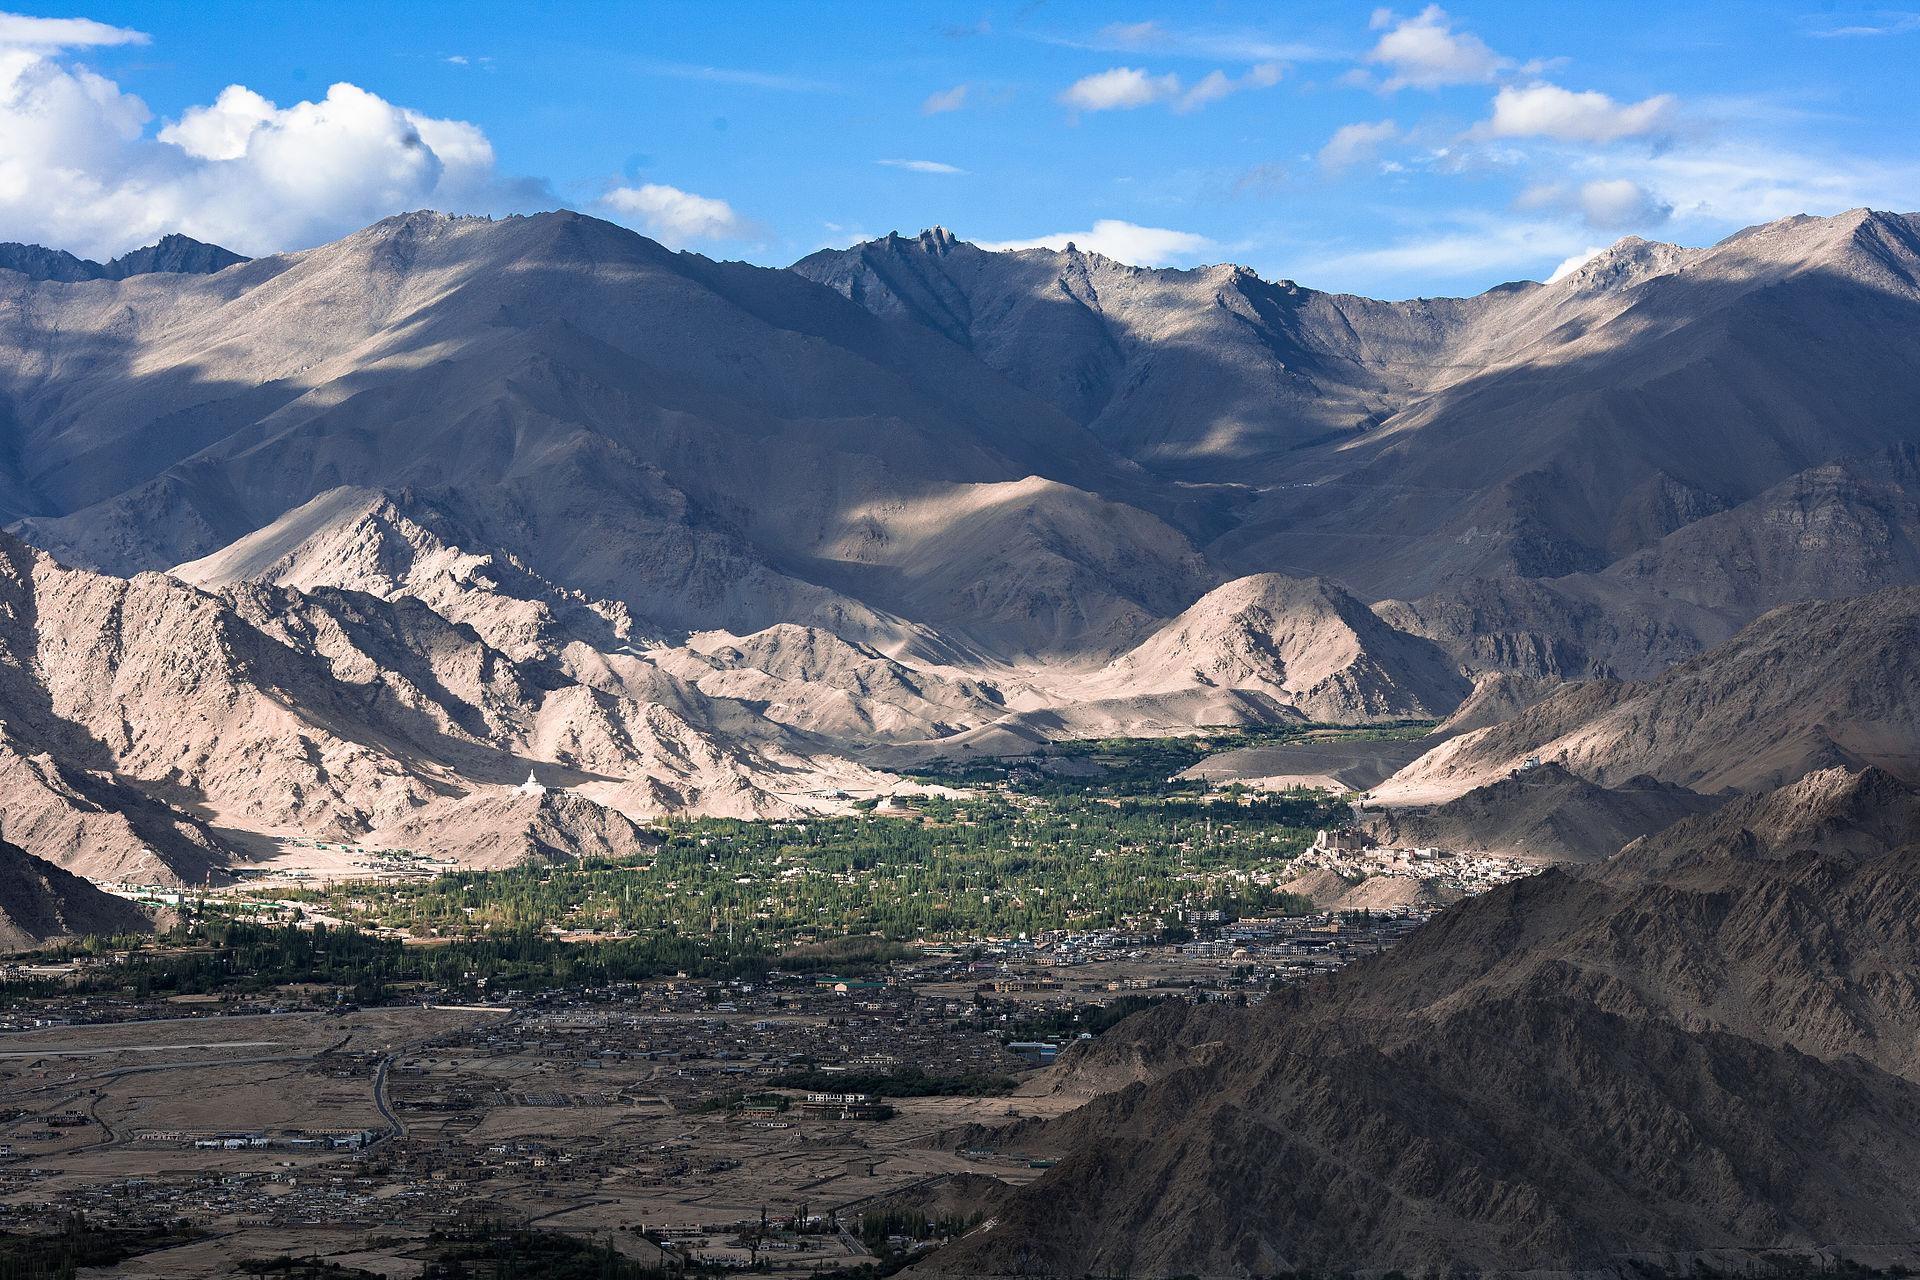 लद्दाख का भूविज्ञान: अतीत और भविष्य की कड़ी